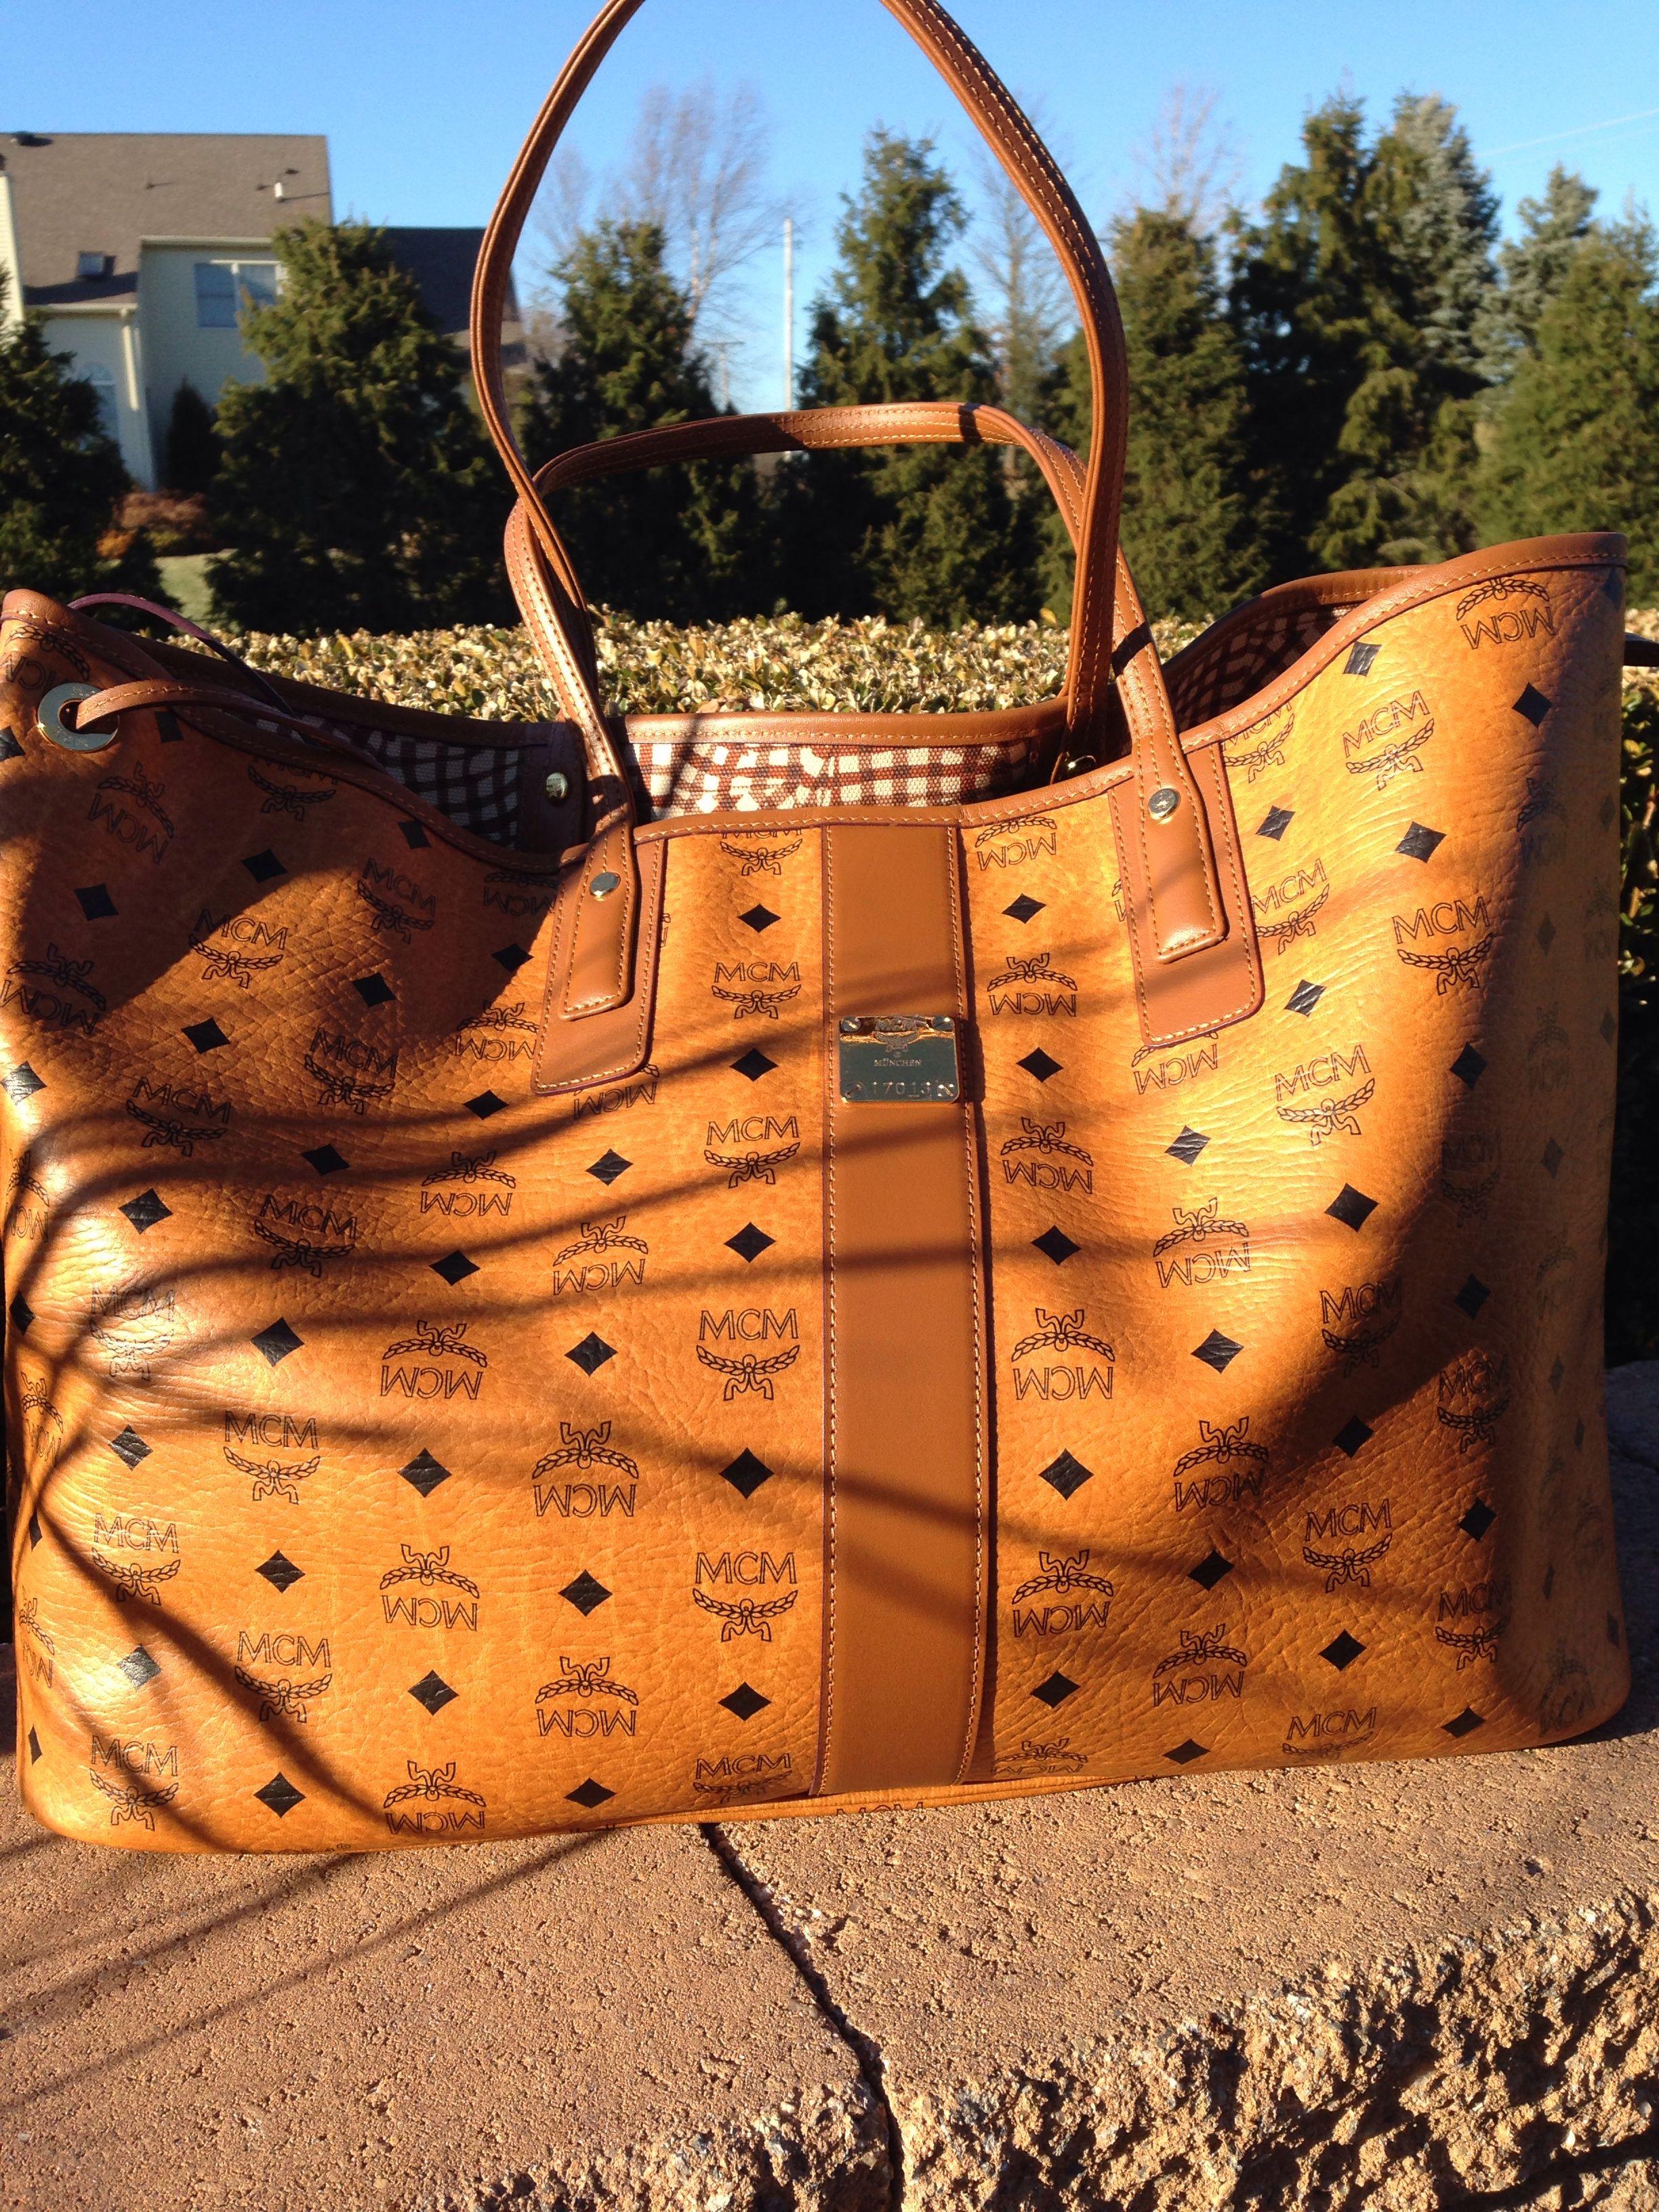 3ae849ad2 Mcm bag large | Style_By_Jolee | Mcm handbags, Mcm bags, Bags